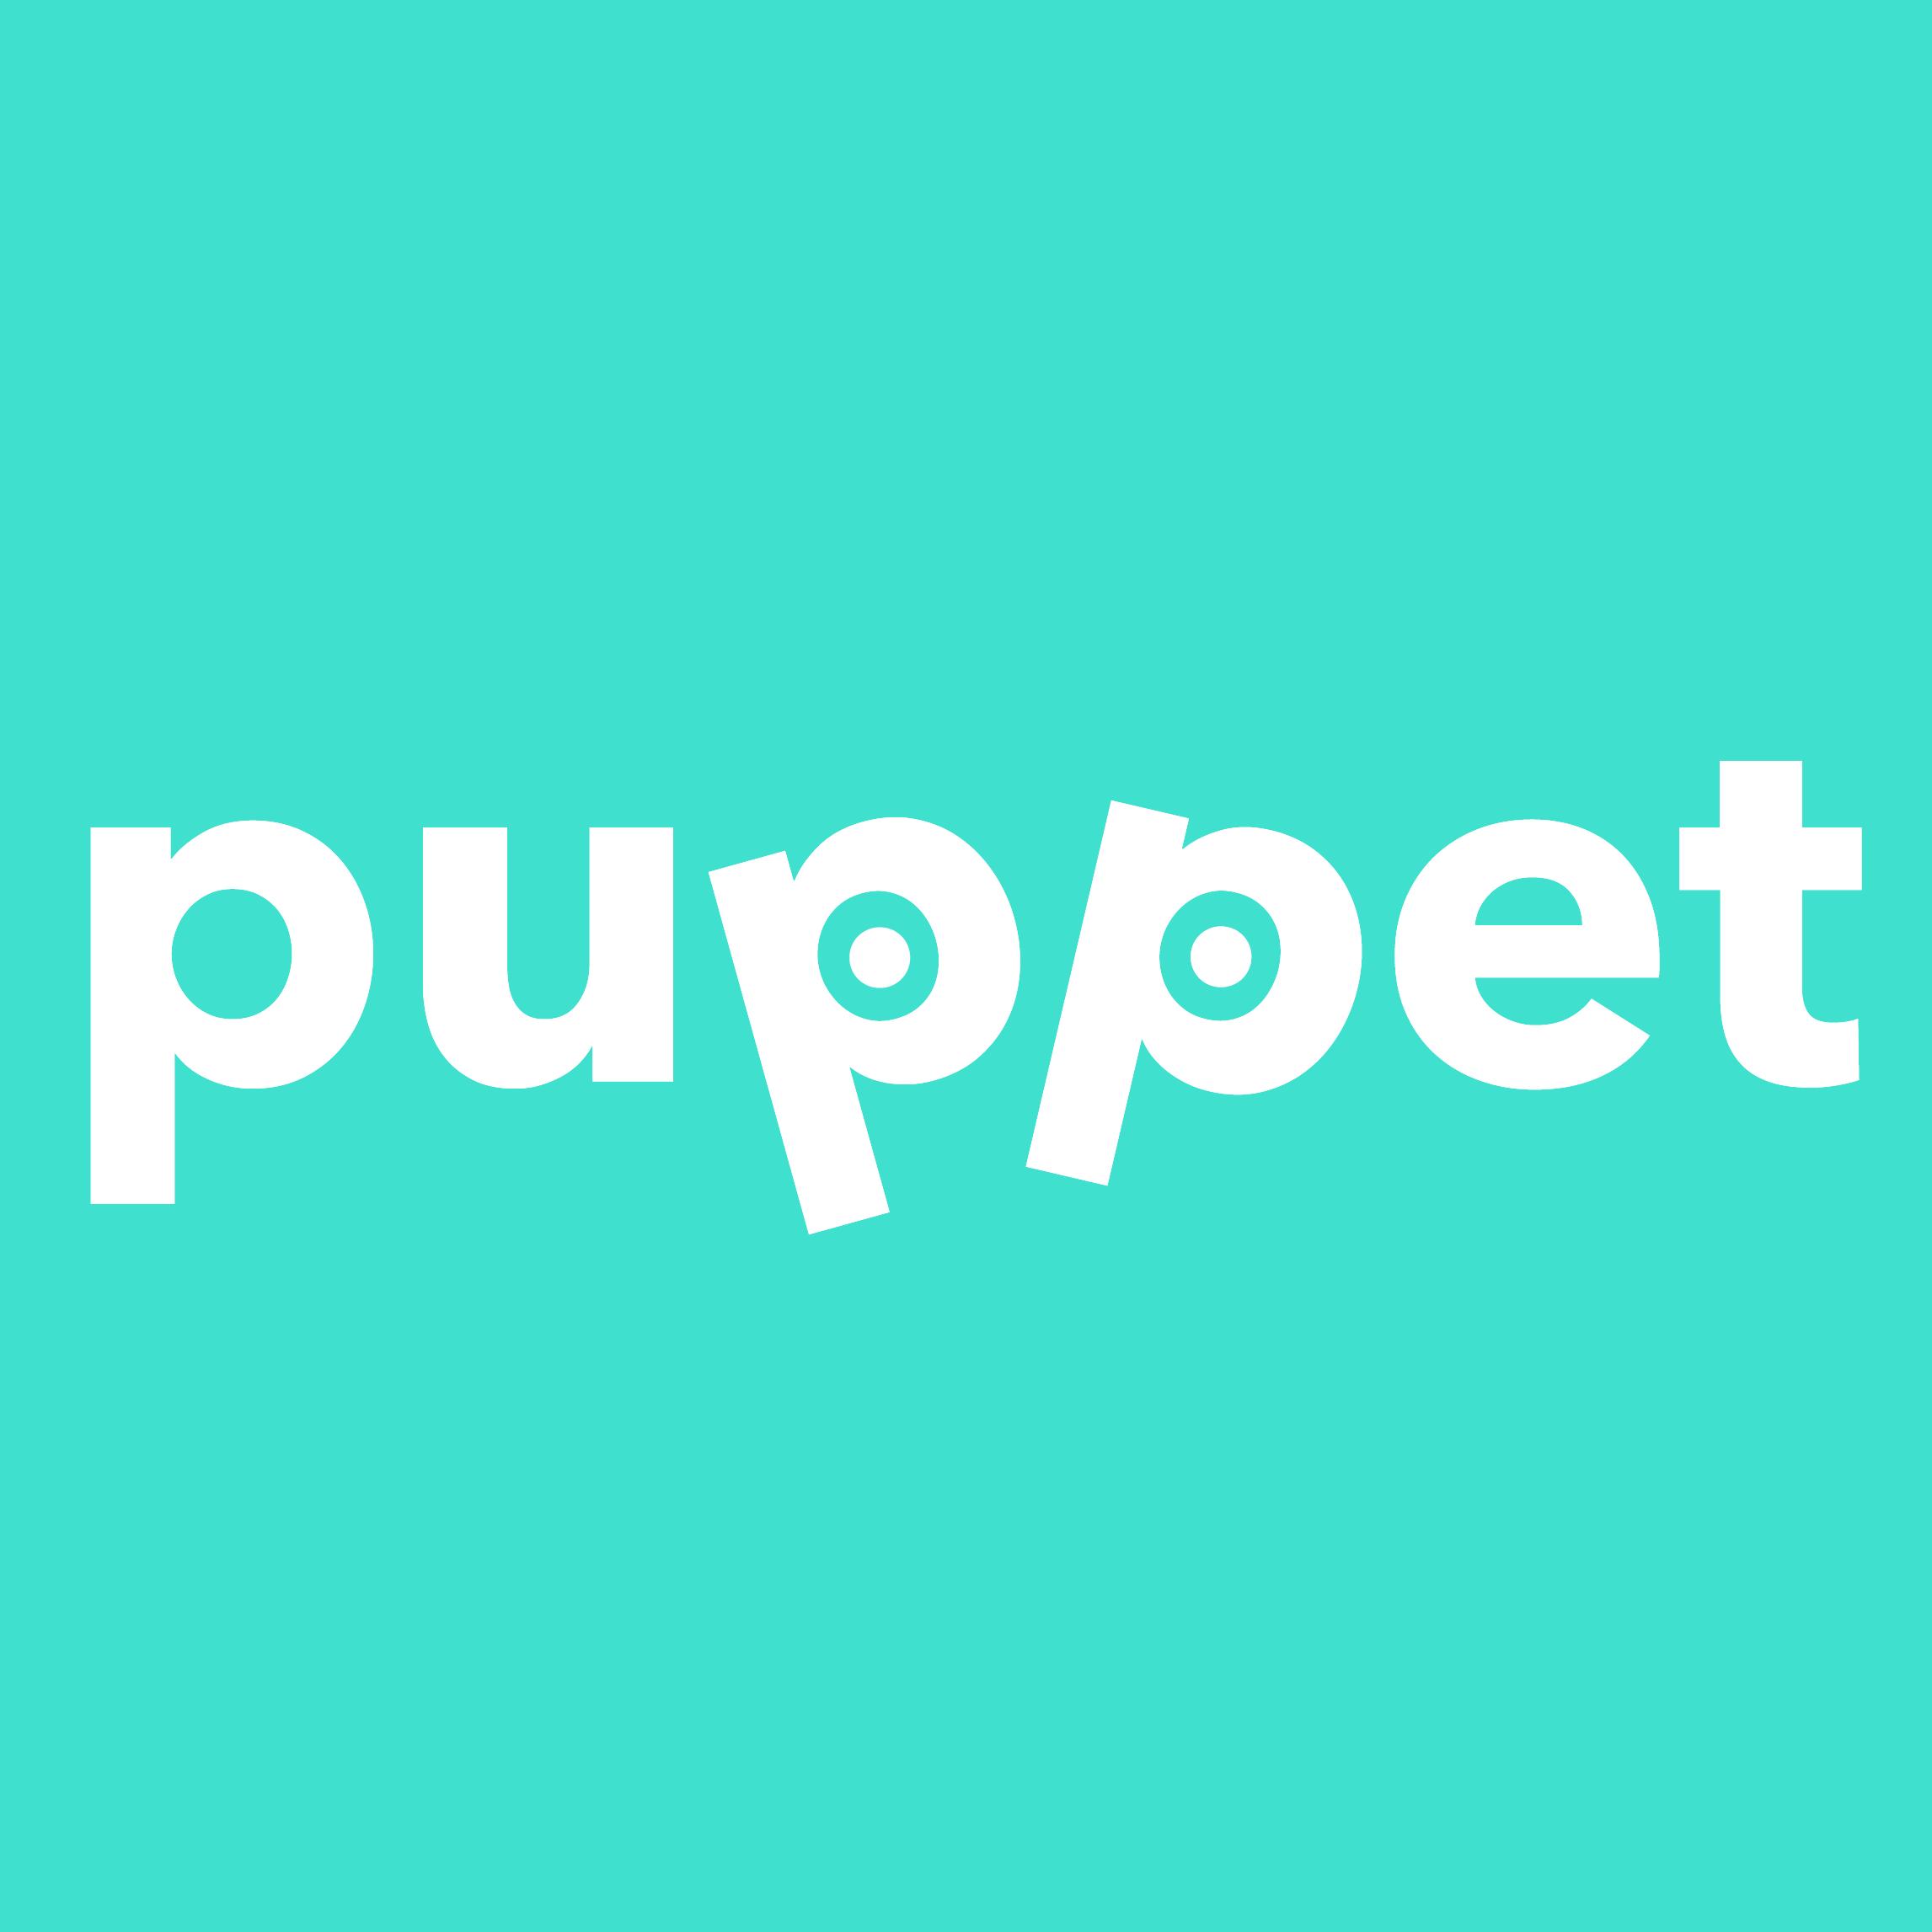 """Фото Нейминг и дизайн логотипа для торговой марки игрушек собачек-марионеток. Puppet - в переводе с английского """"марионетка"""", pet - """"домашнее животное""""."""